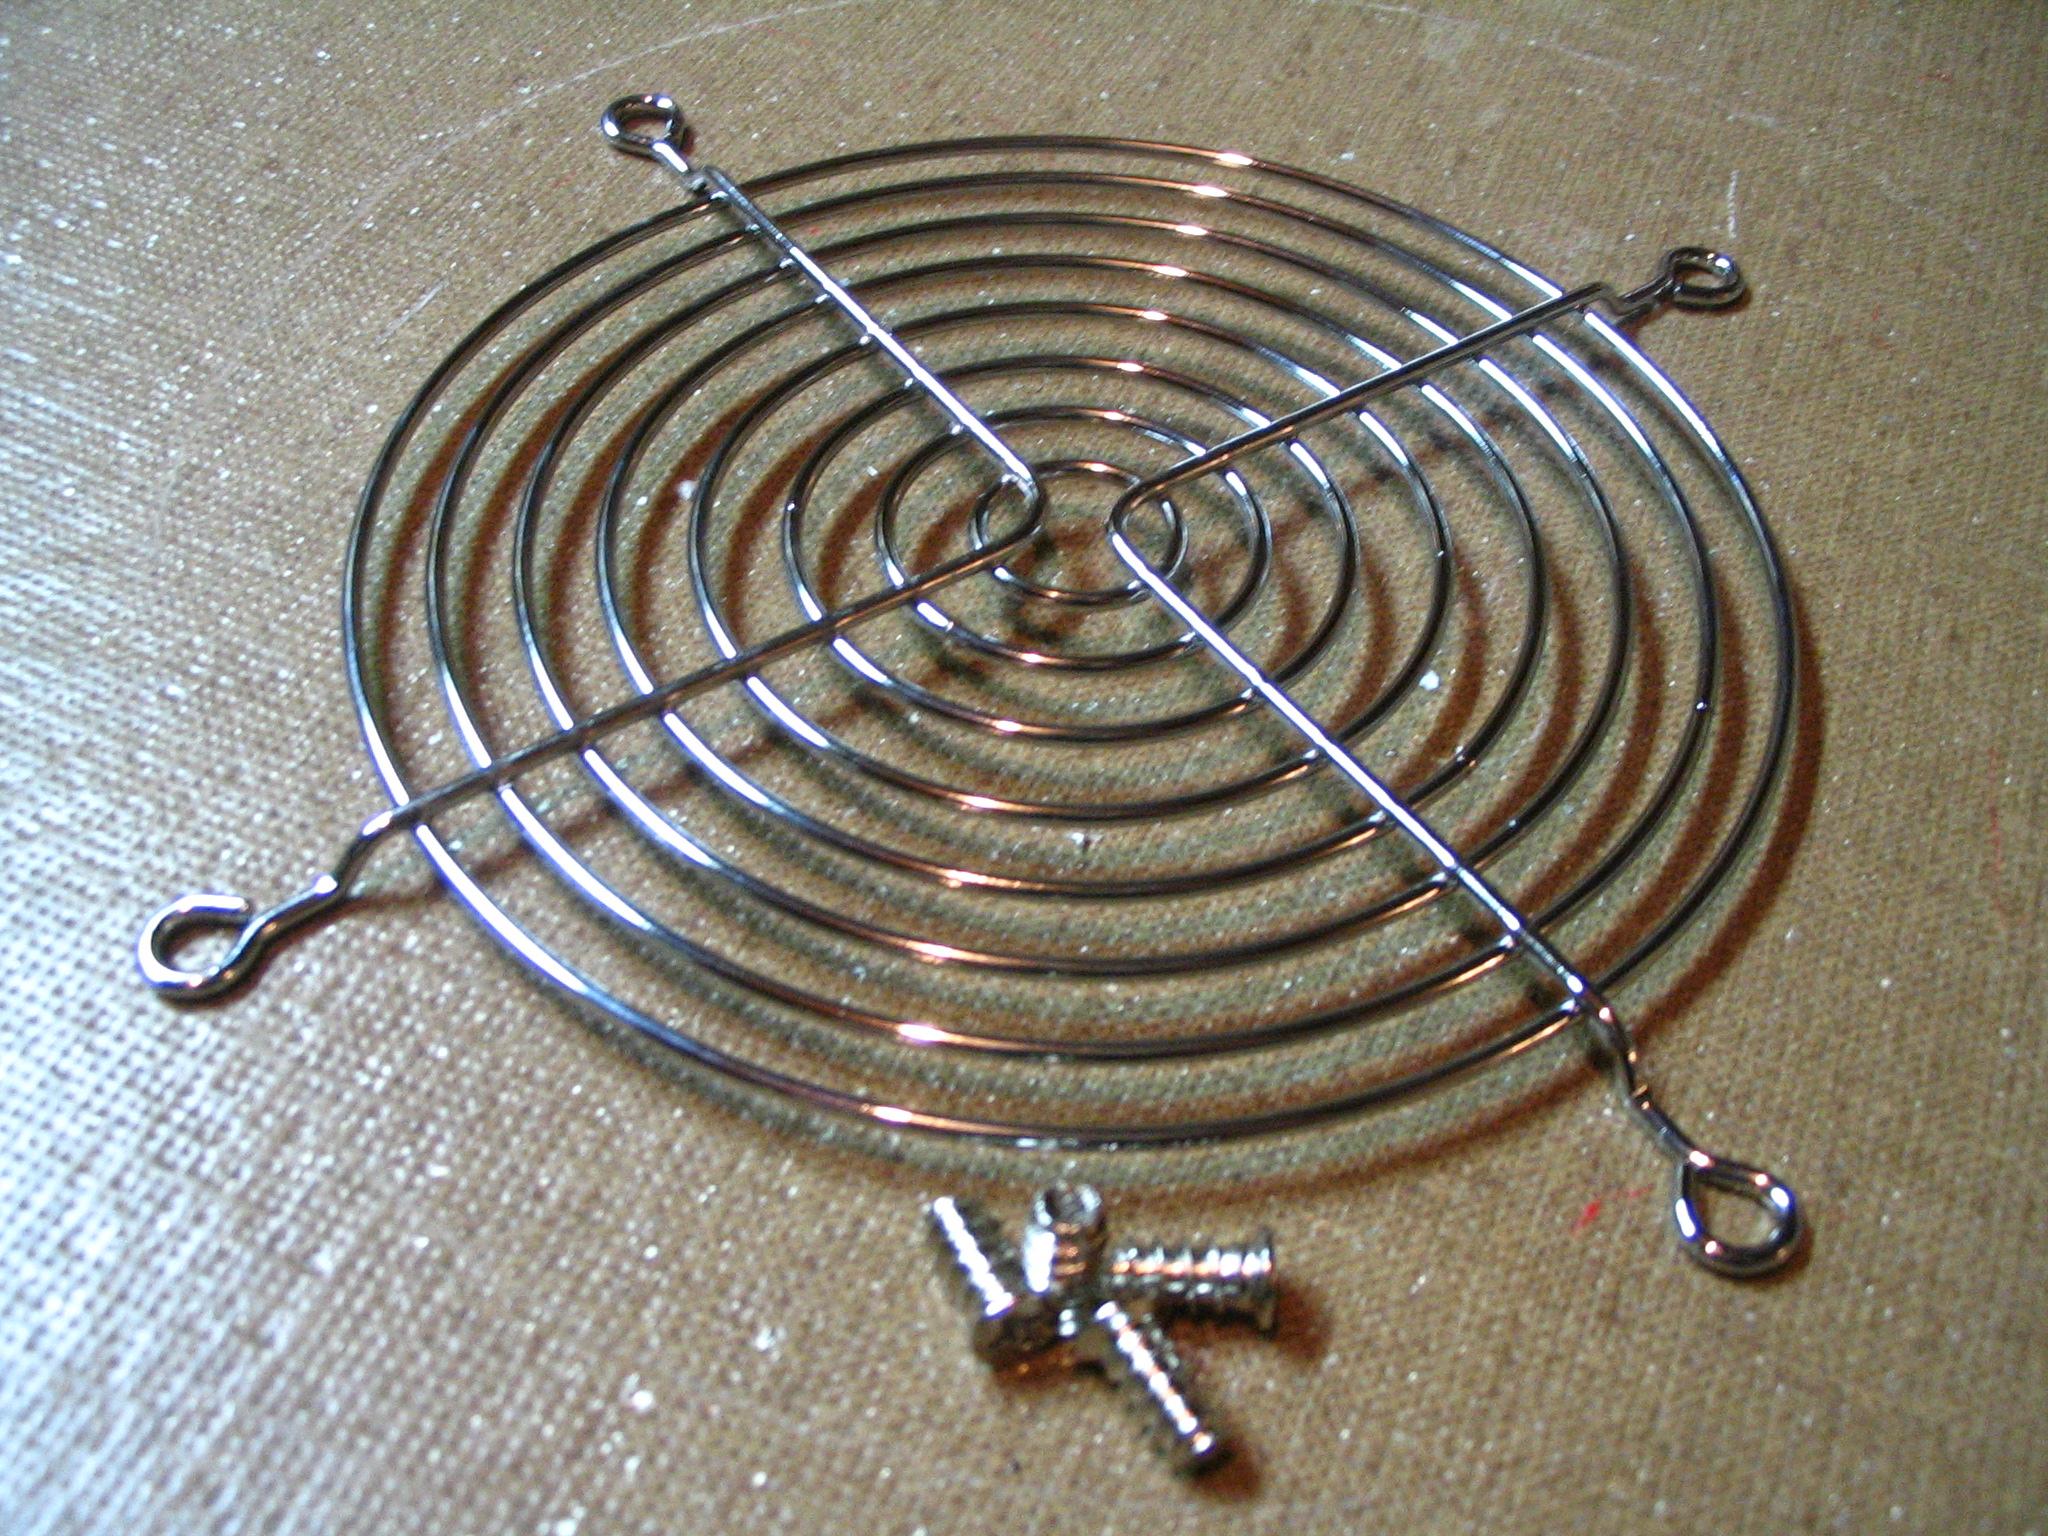 File:120mm chrome fan grill.jpg - Wikimedia Commons